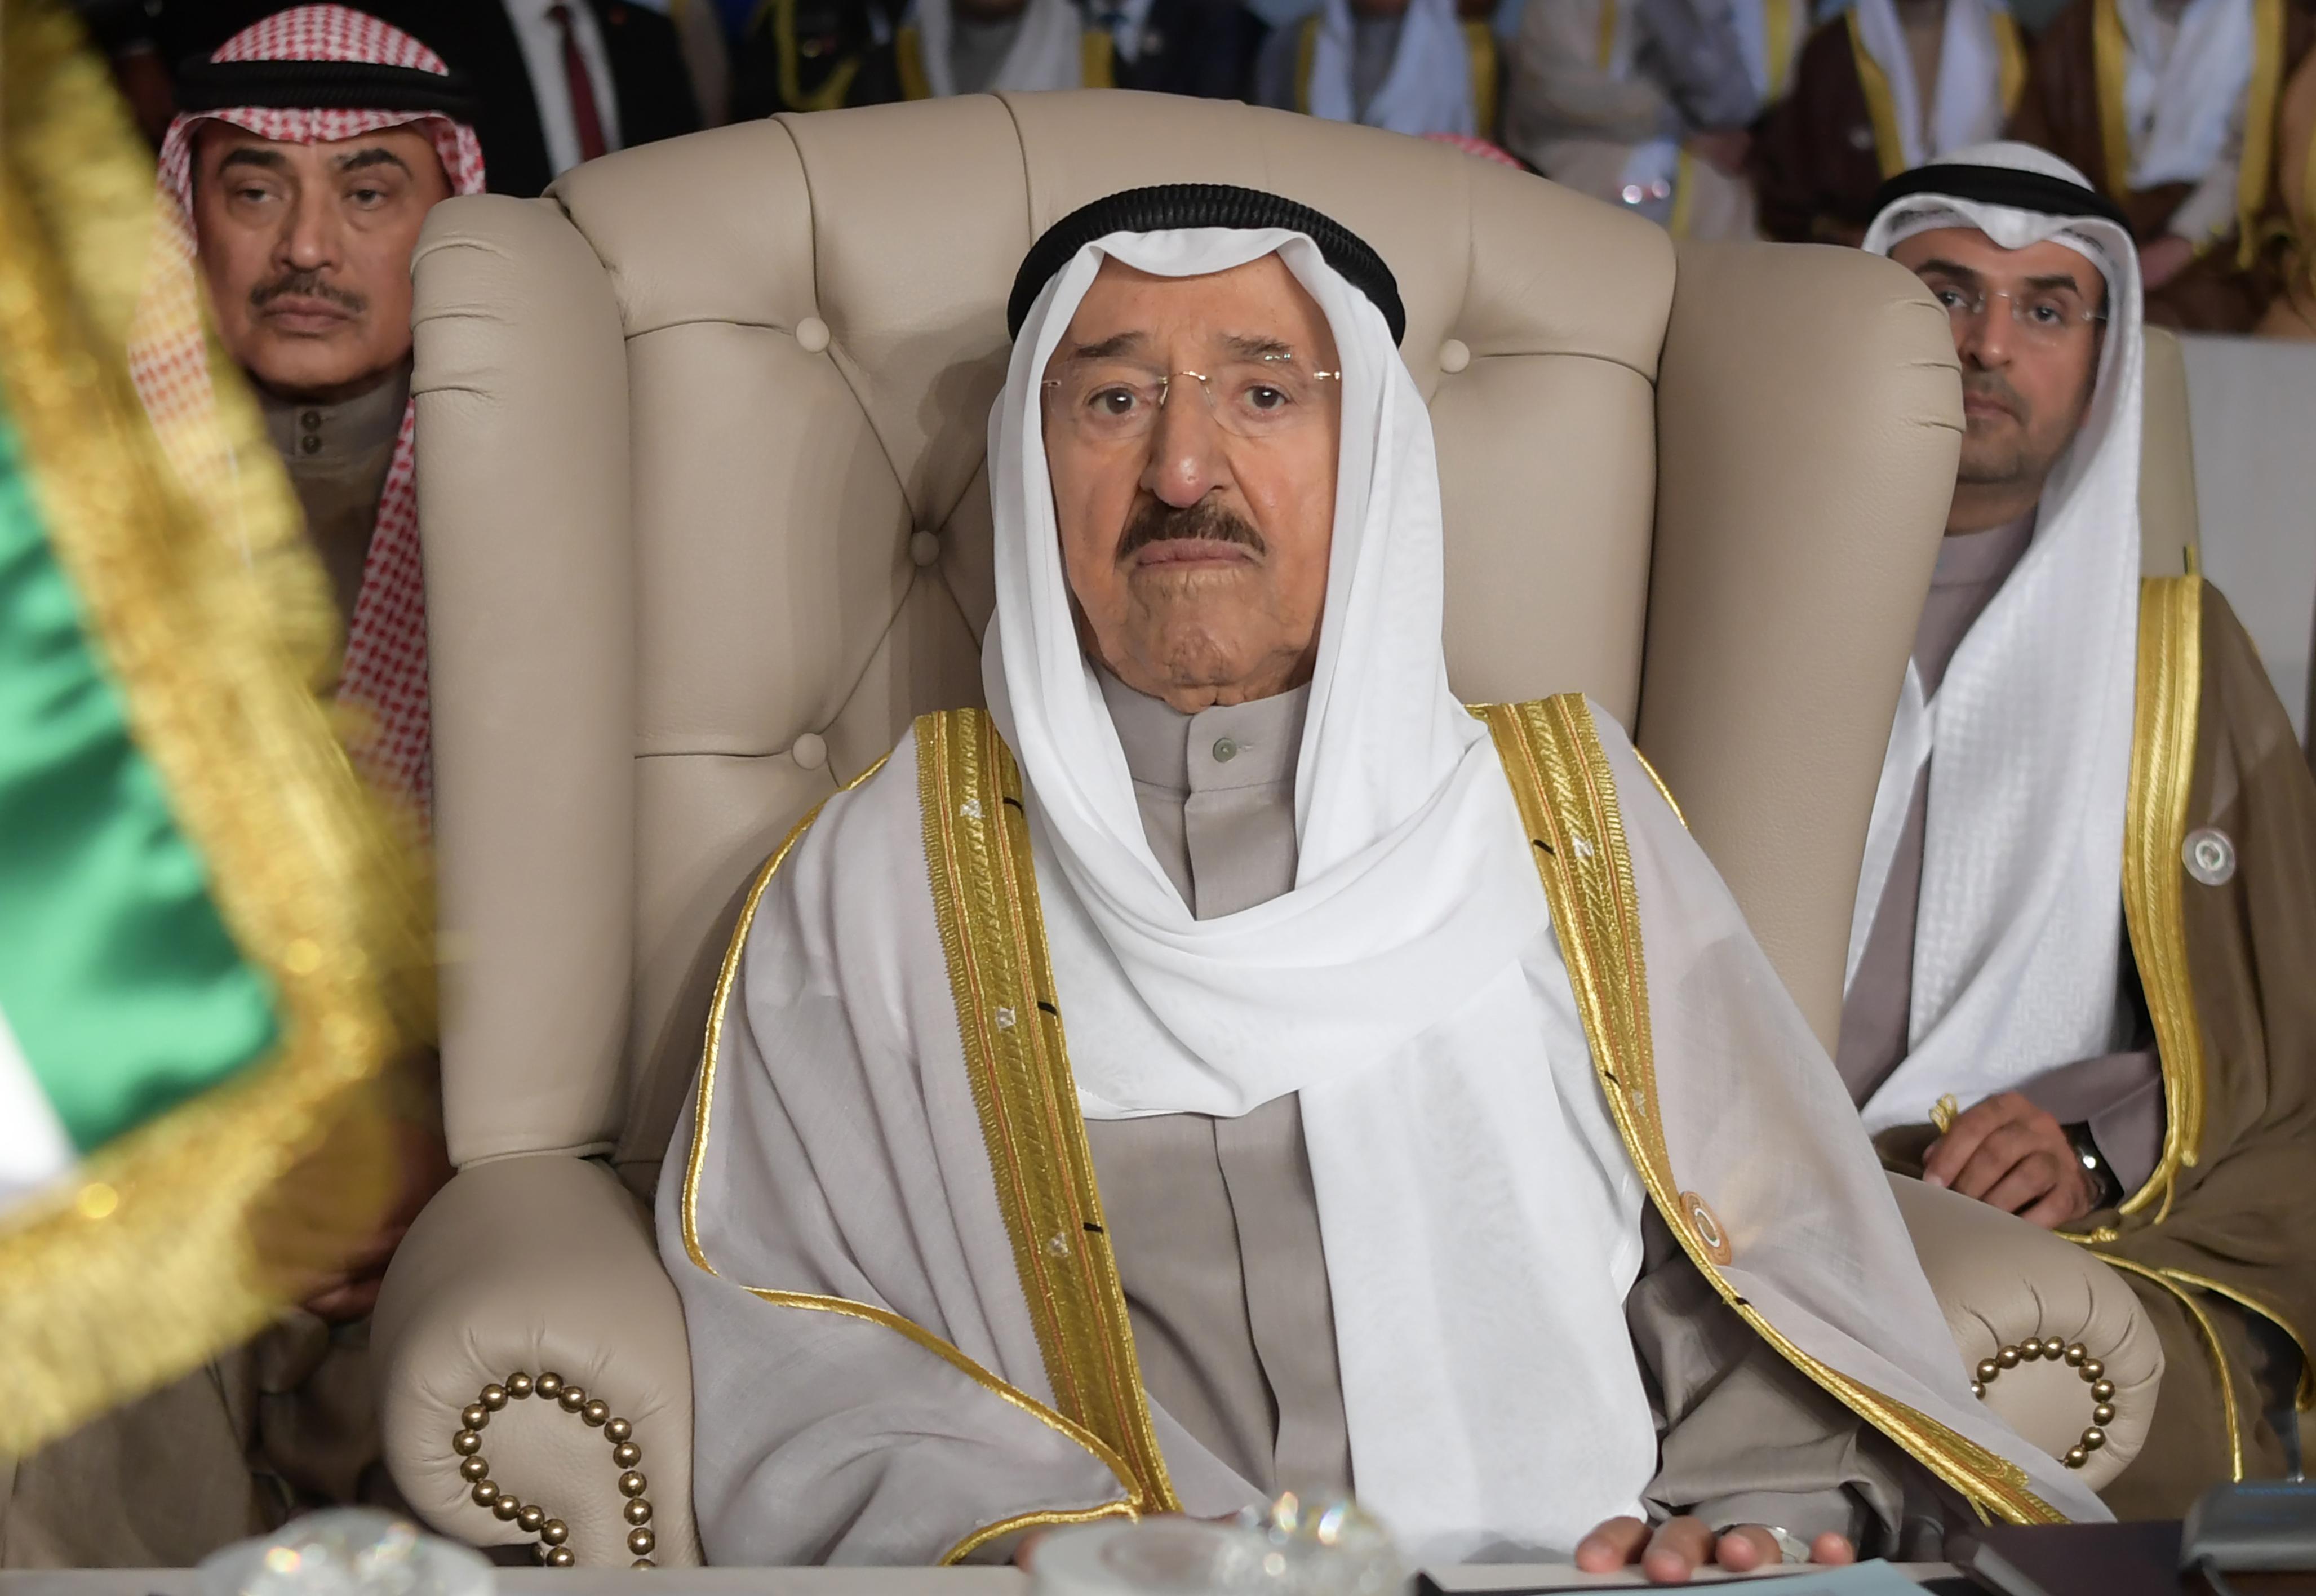 أمير الكويت صباح الأحمد الجابر الصباح يخضع للعلاج في الولايات المتحدة. أرشيفية